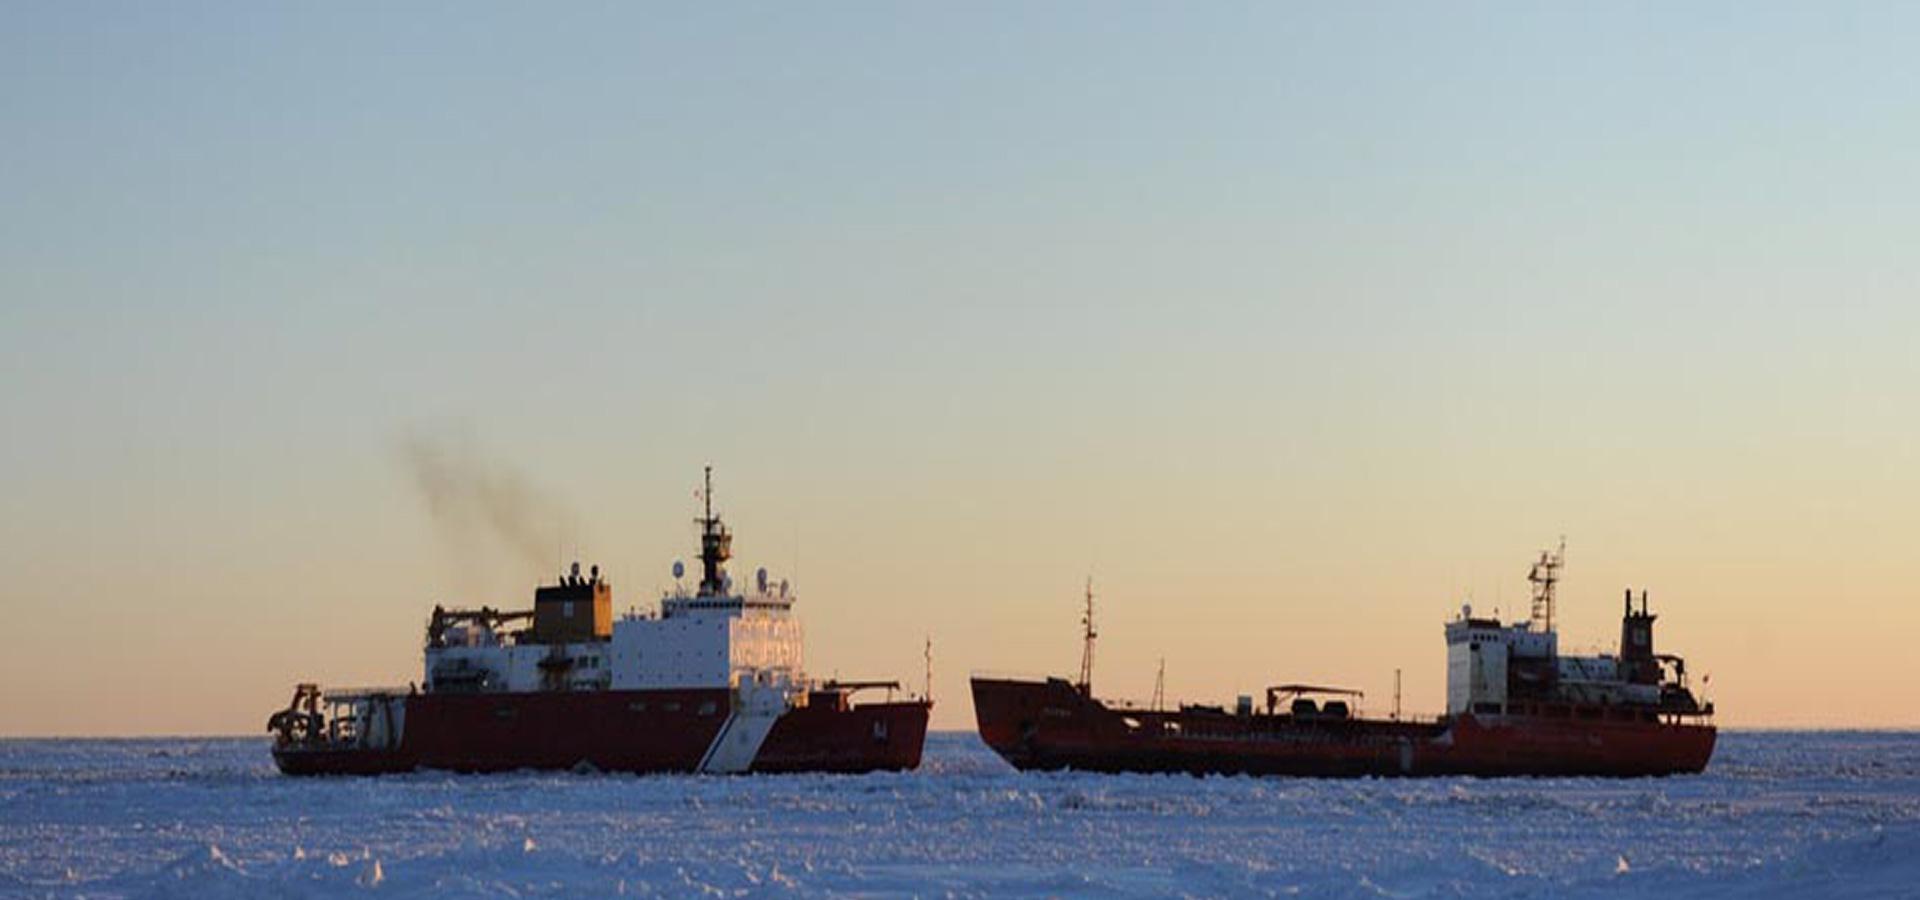 SM Ship Management